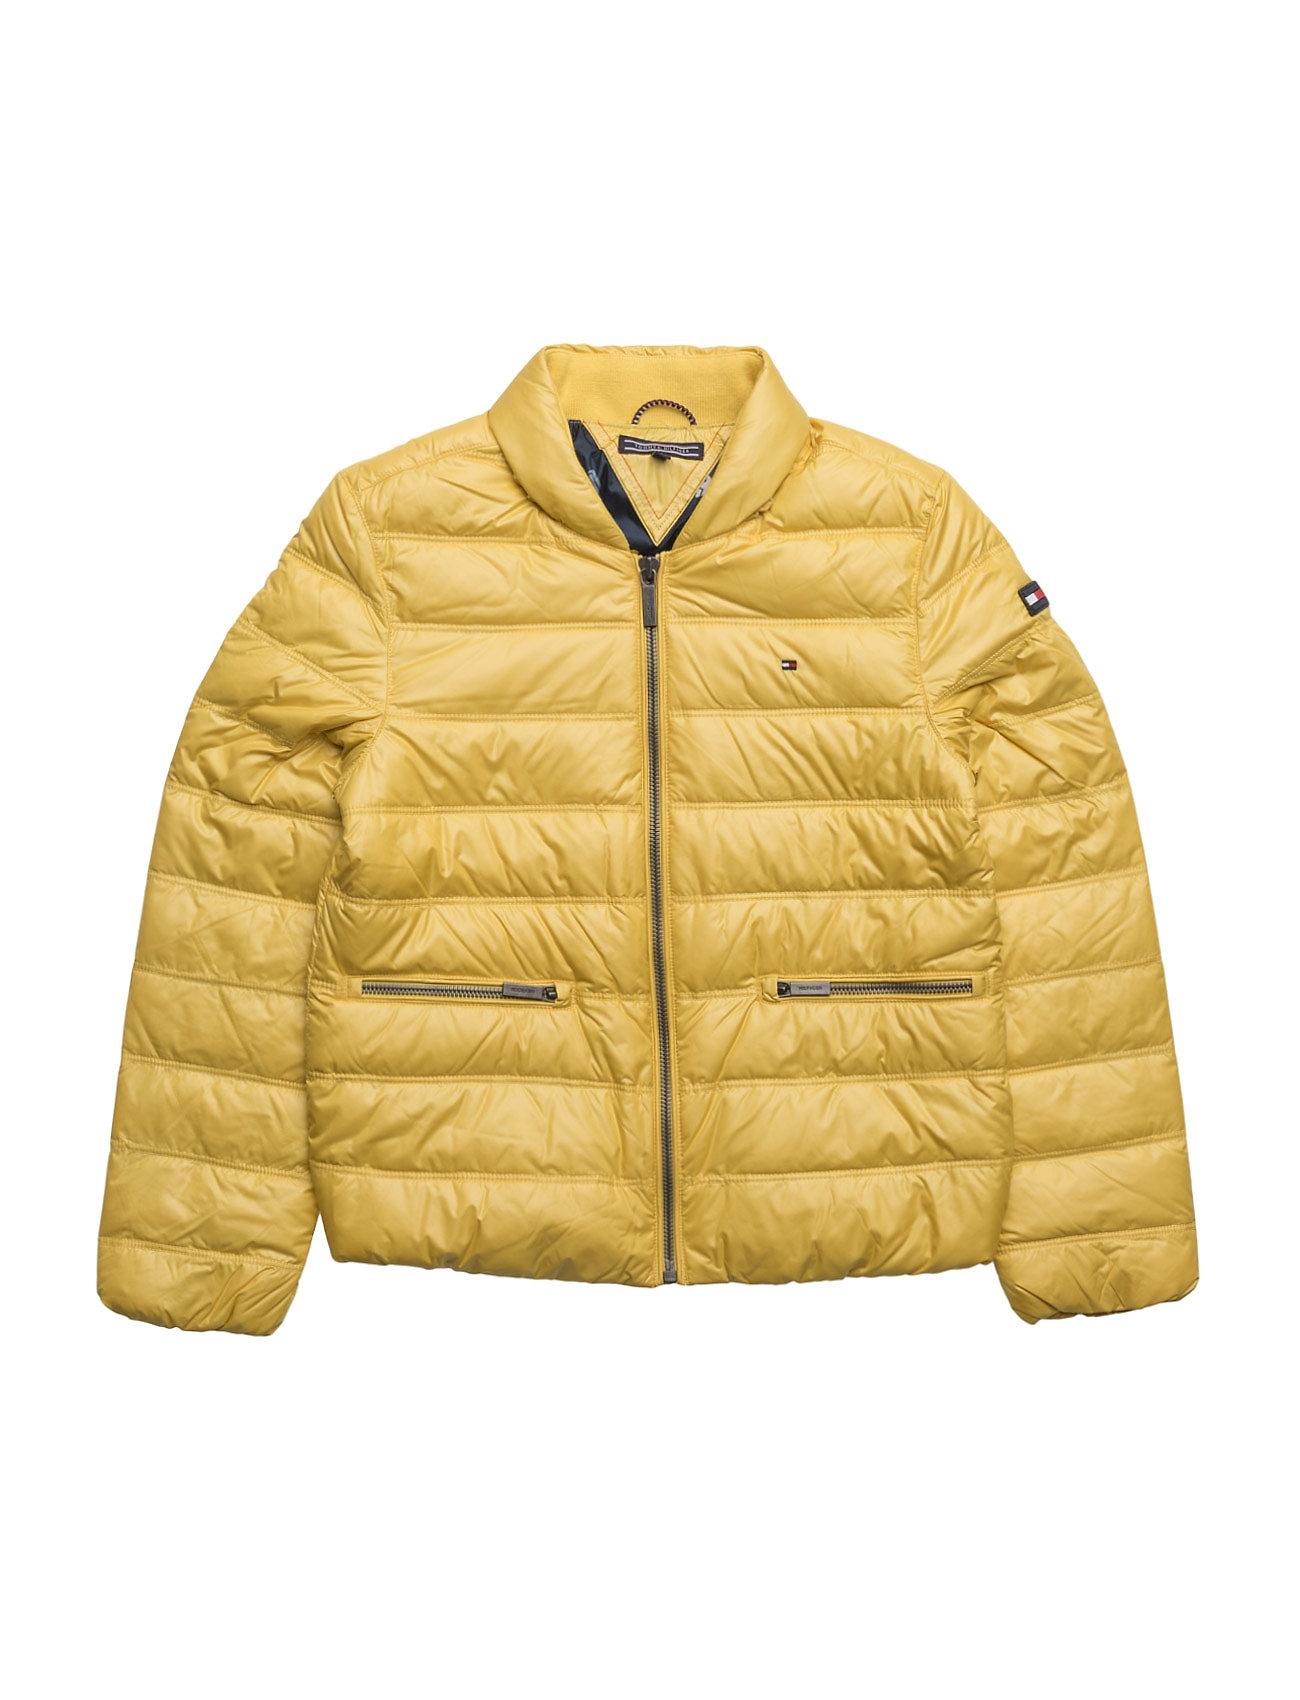 Thkg Packable Light Down Jacket Tommy Hilfiger Overtøj til Piger i Gul